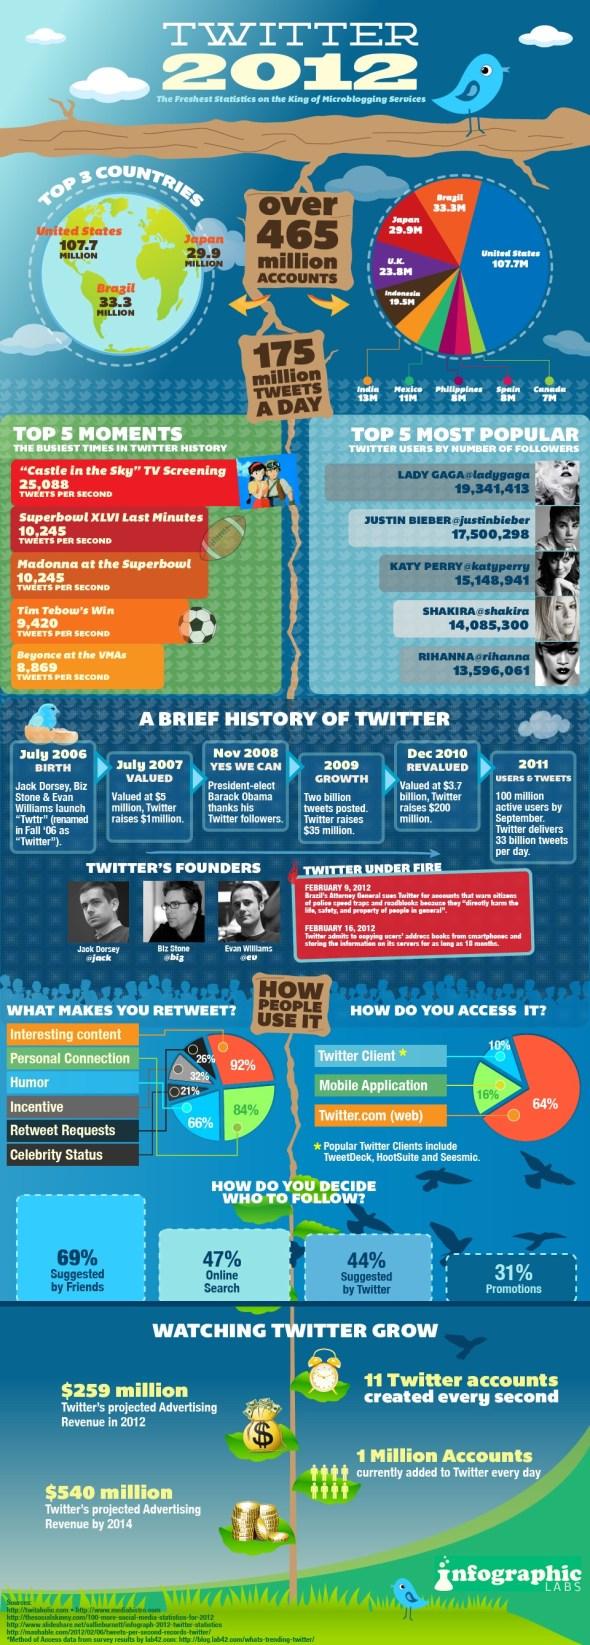 2012 Twitter Statistics